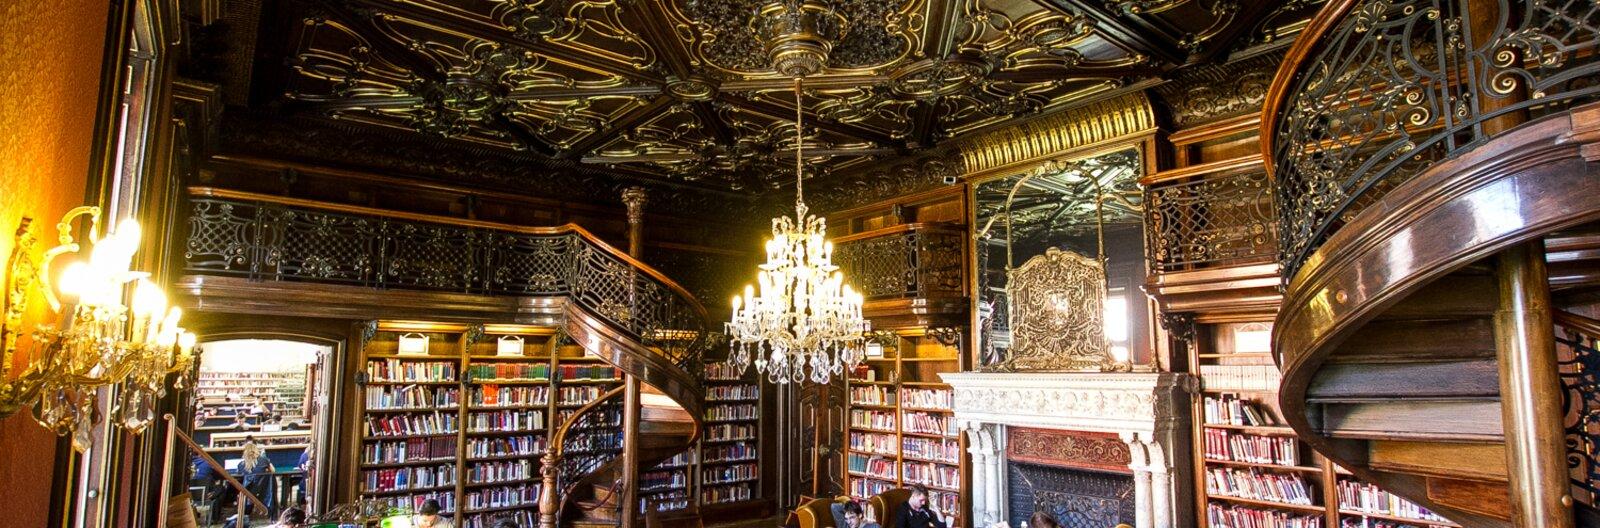 13 lenyűgöző budapesti könyvtár